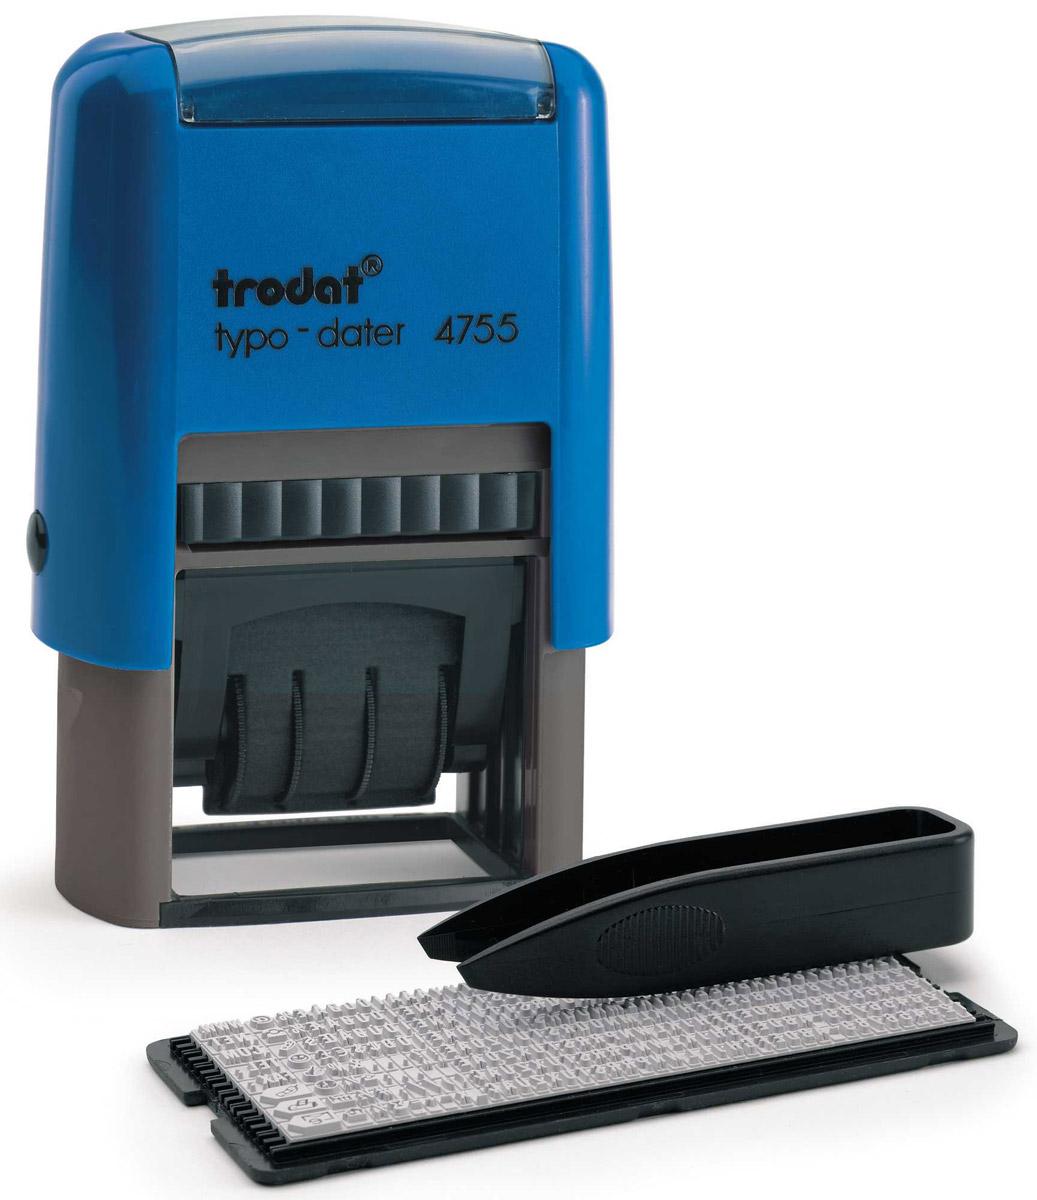 Trodat Датер самонаборный двухстрочный Typo4755Датер самонаборный двухстрочный Trodat Typo с буквенным отображением месяца будет незаменим в отделе кадров или в бухгалтерии любой компании.Прочный корпус гарантирует долговечное бесперебойное использование. Модель отличается высочайшим удобством в использовании и оптимально ложится в руку благодаря эргономичной ручке. Оттиск проставляется практически бесшумно, легким нажатием руки. Улучшенная конструкция, защитное покрытие лент и видимая площадь печати гарантируют качество и точность оттиска.Автоматическое окрашивание. Дата проставляется в центре, сверху и снизу строки для набора текста без рамки. В комплект также входят сменная двухцветная подушка, пинцет, касса символов.